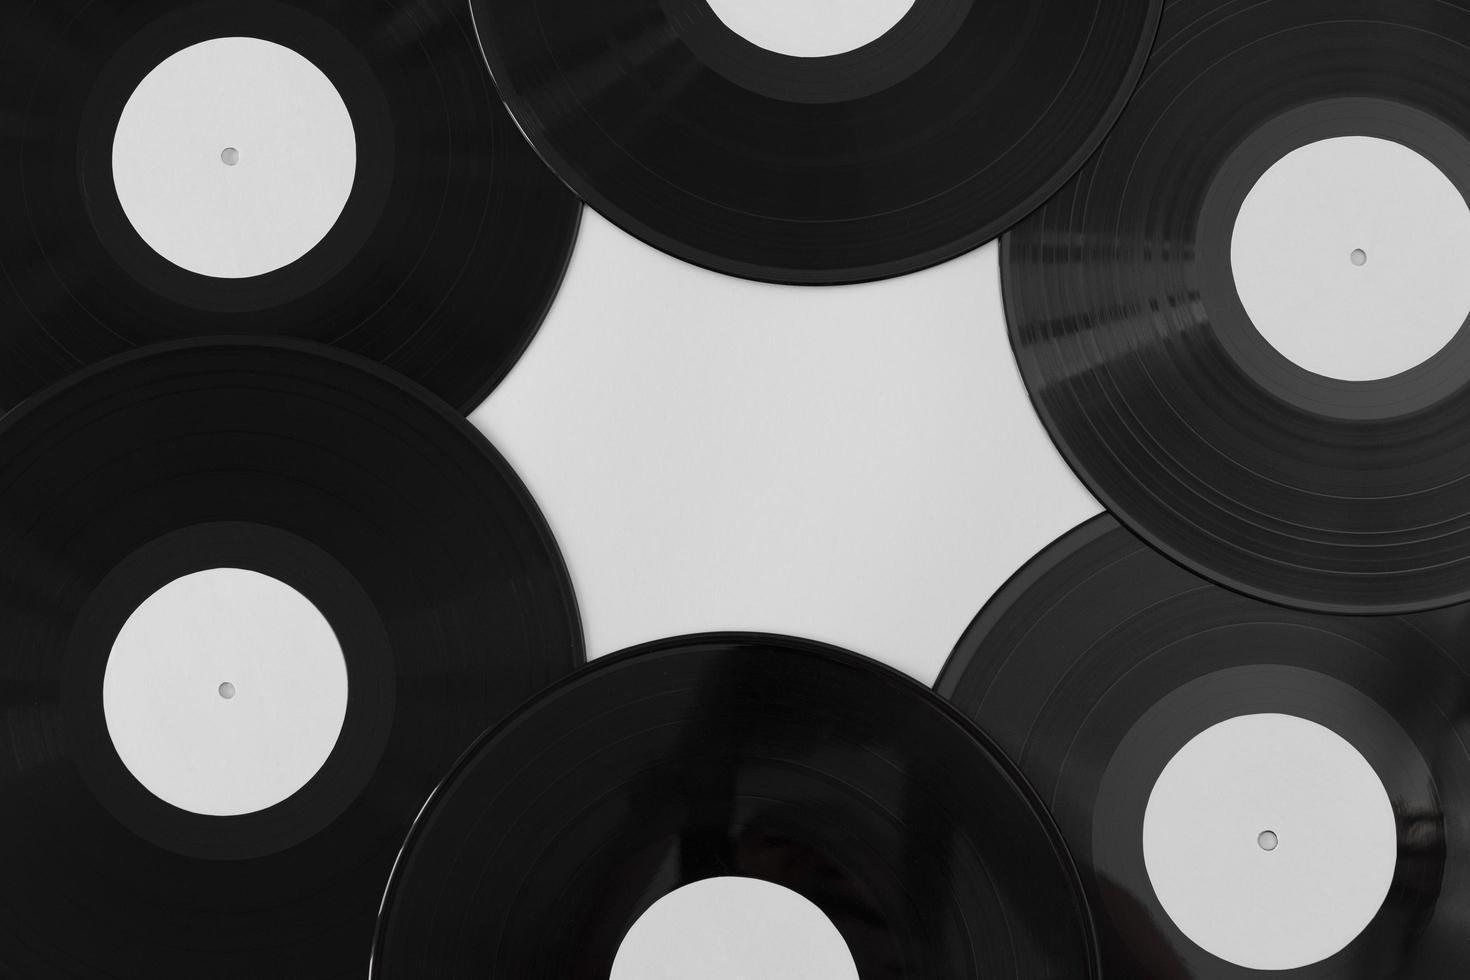 ovanifrån vinylskivarrangemang foto